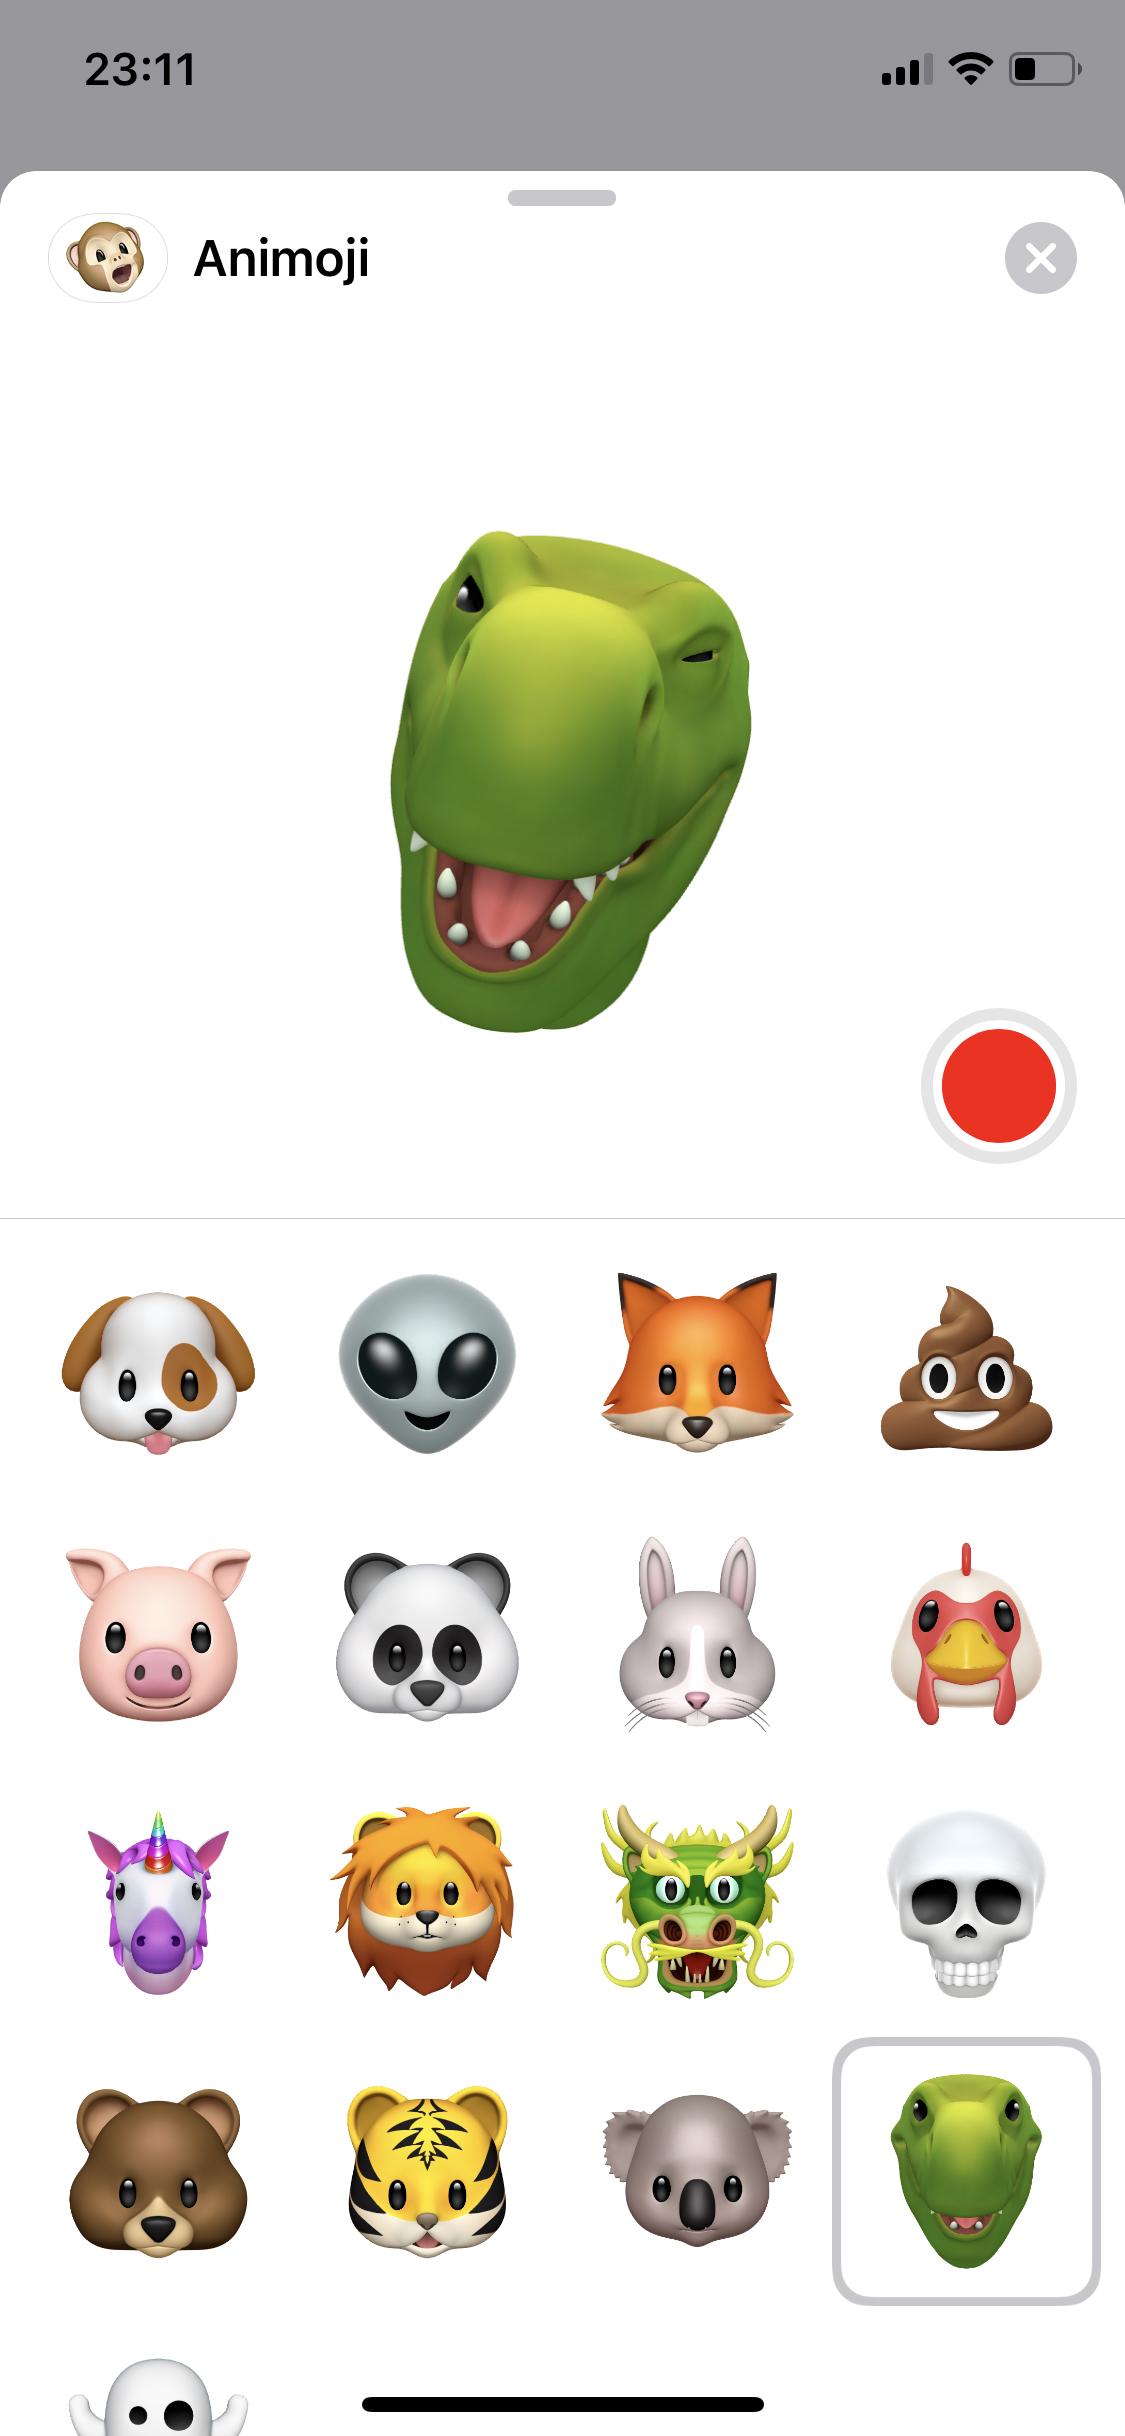 Animojis en iOS 12